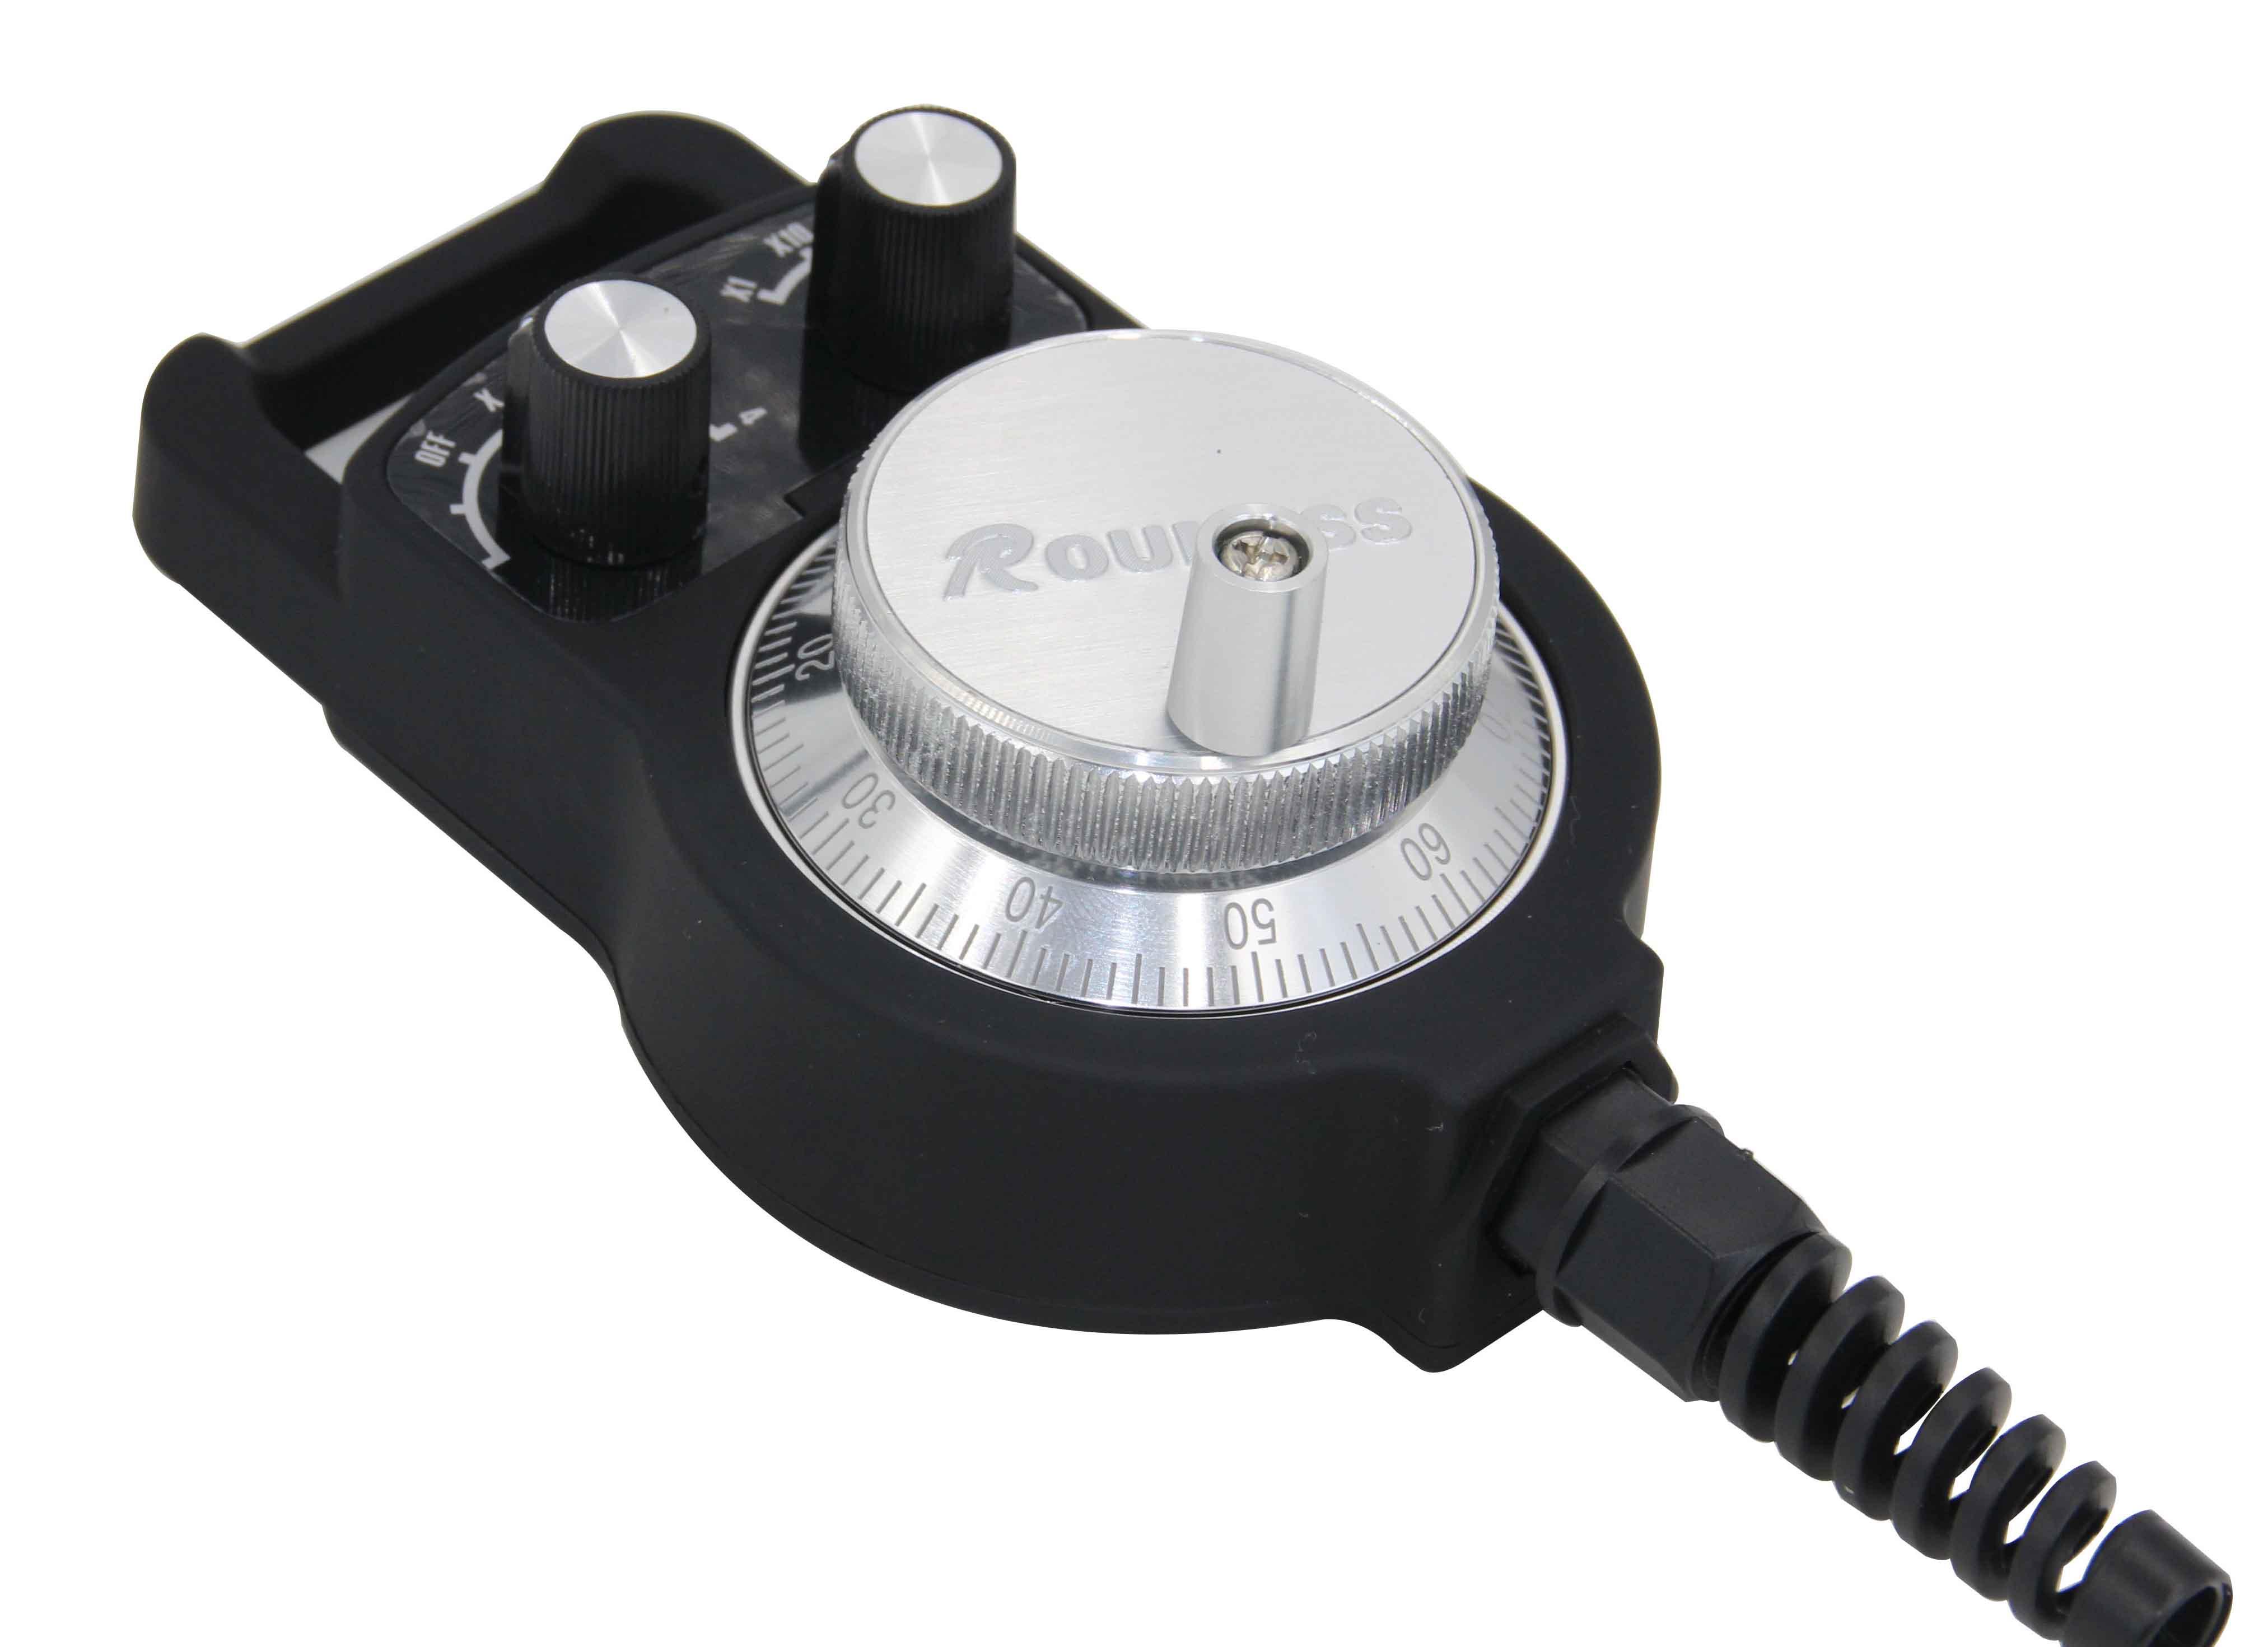 手持脉冲发生器_手动脉冲发生器